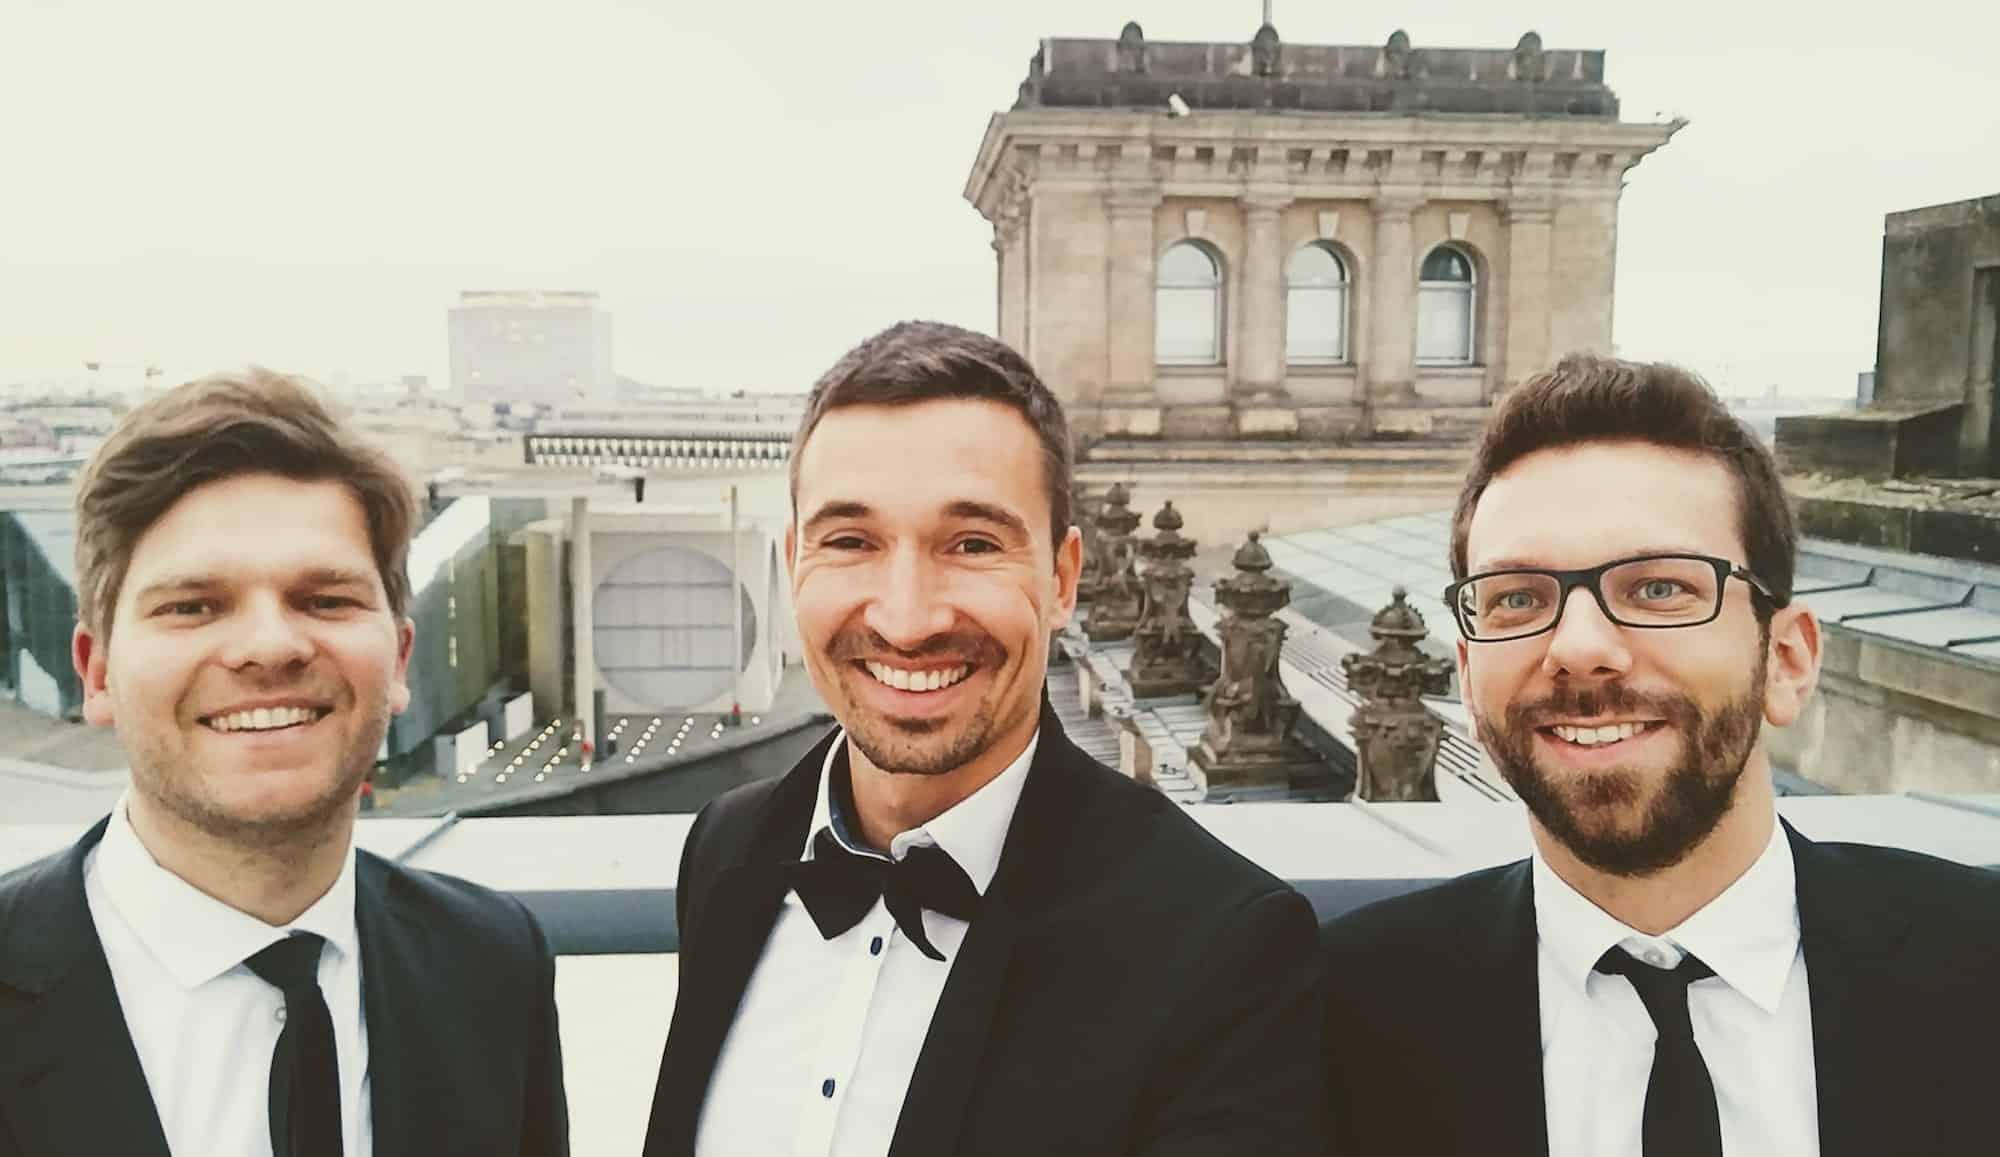 Jazzband Bundestag Reichstag Berlin